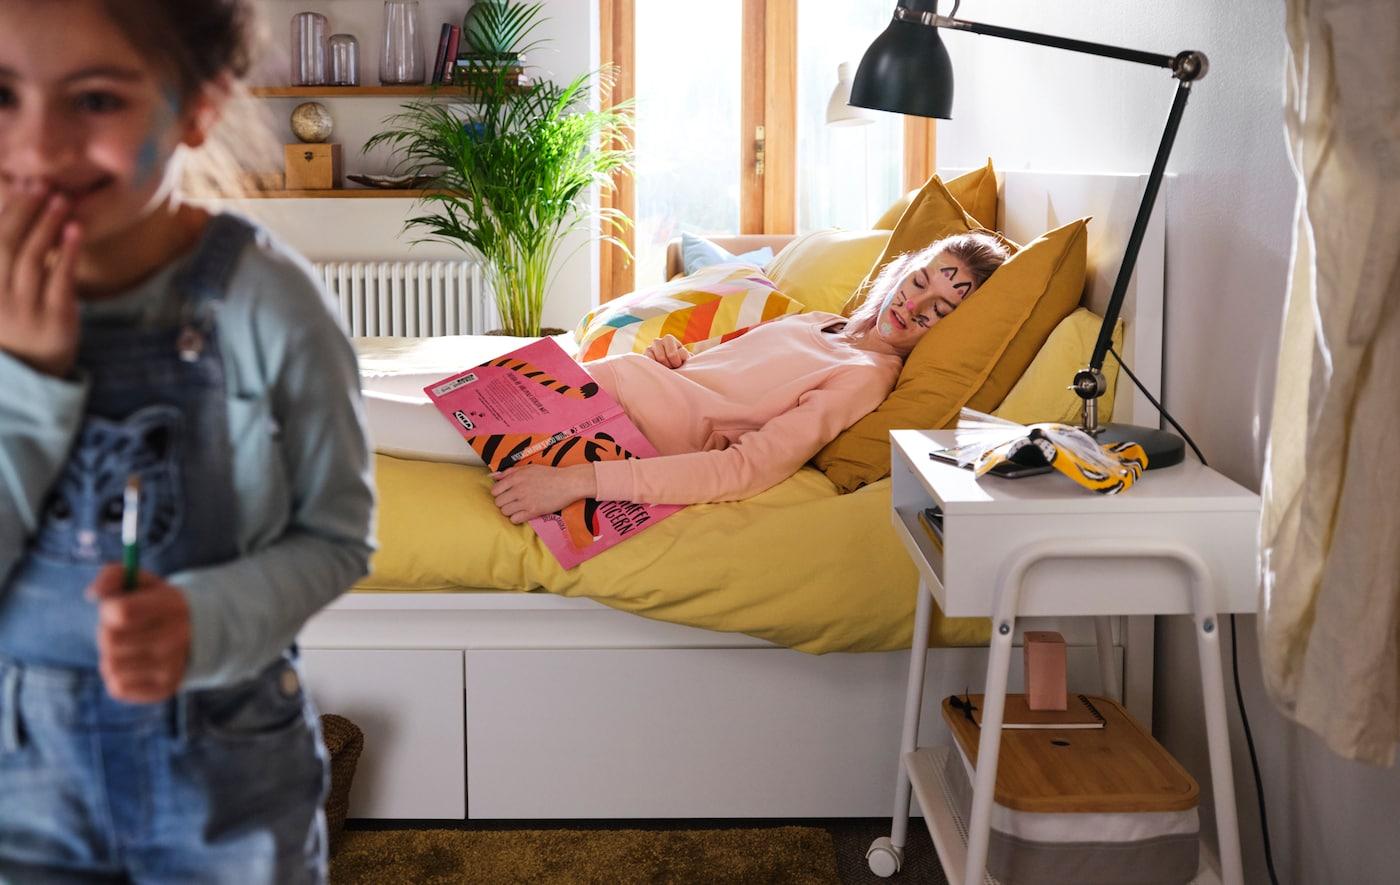 一个小女孩正偷偷从一间风格现代的卧室中溜出,她的妈妈躺在一张 MALM 马尔姆床上,脸上是小女孩刚刚画上的猫胡子。